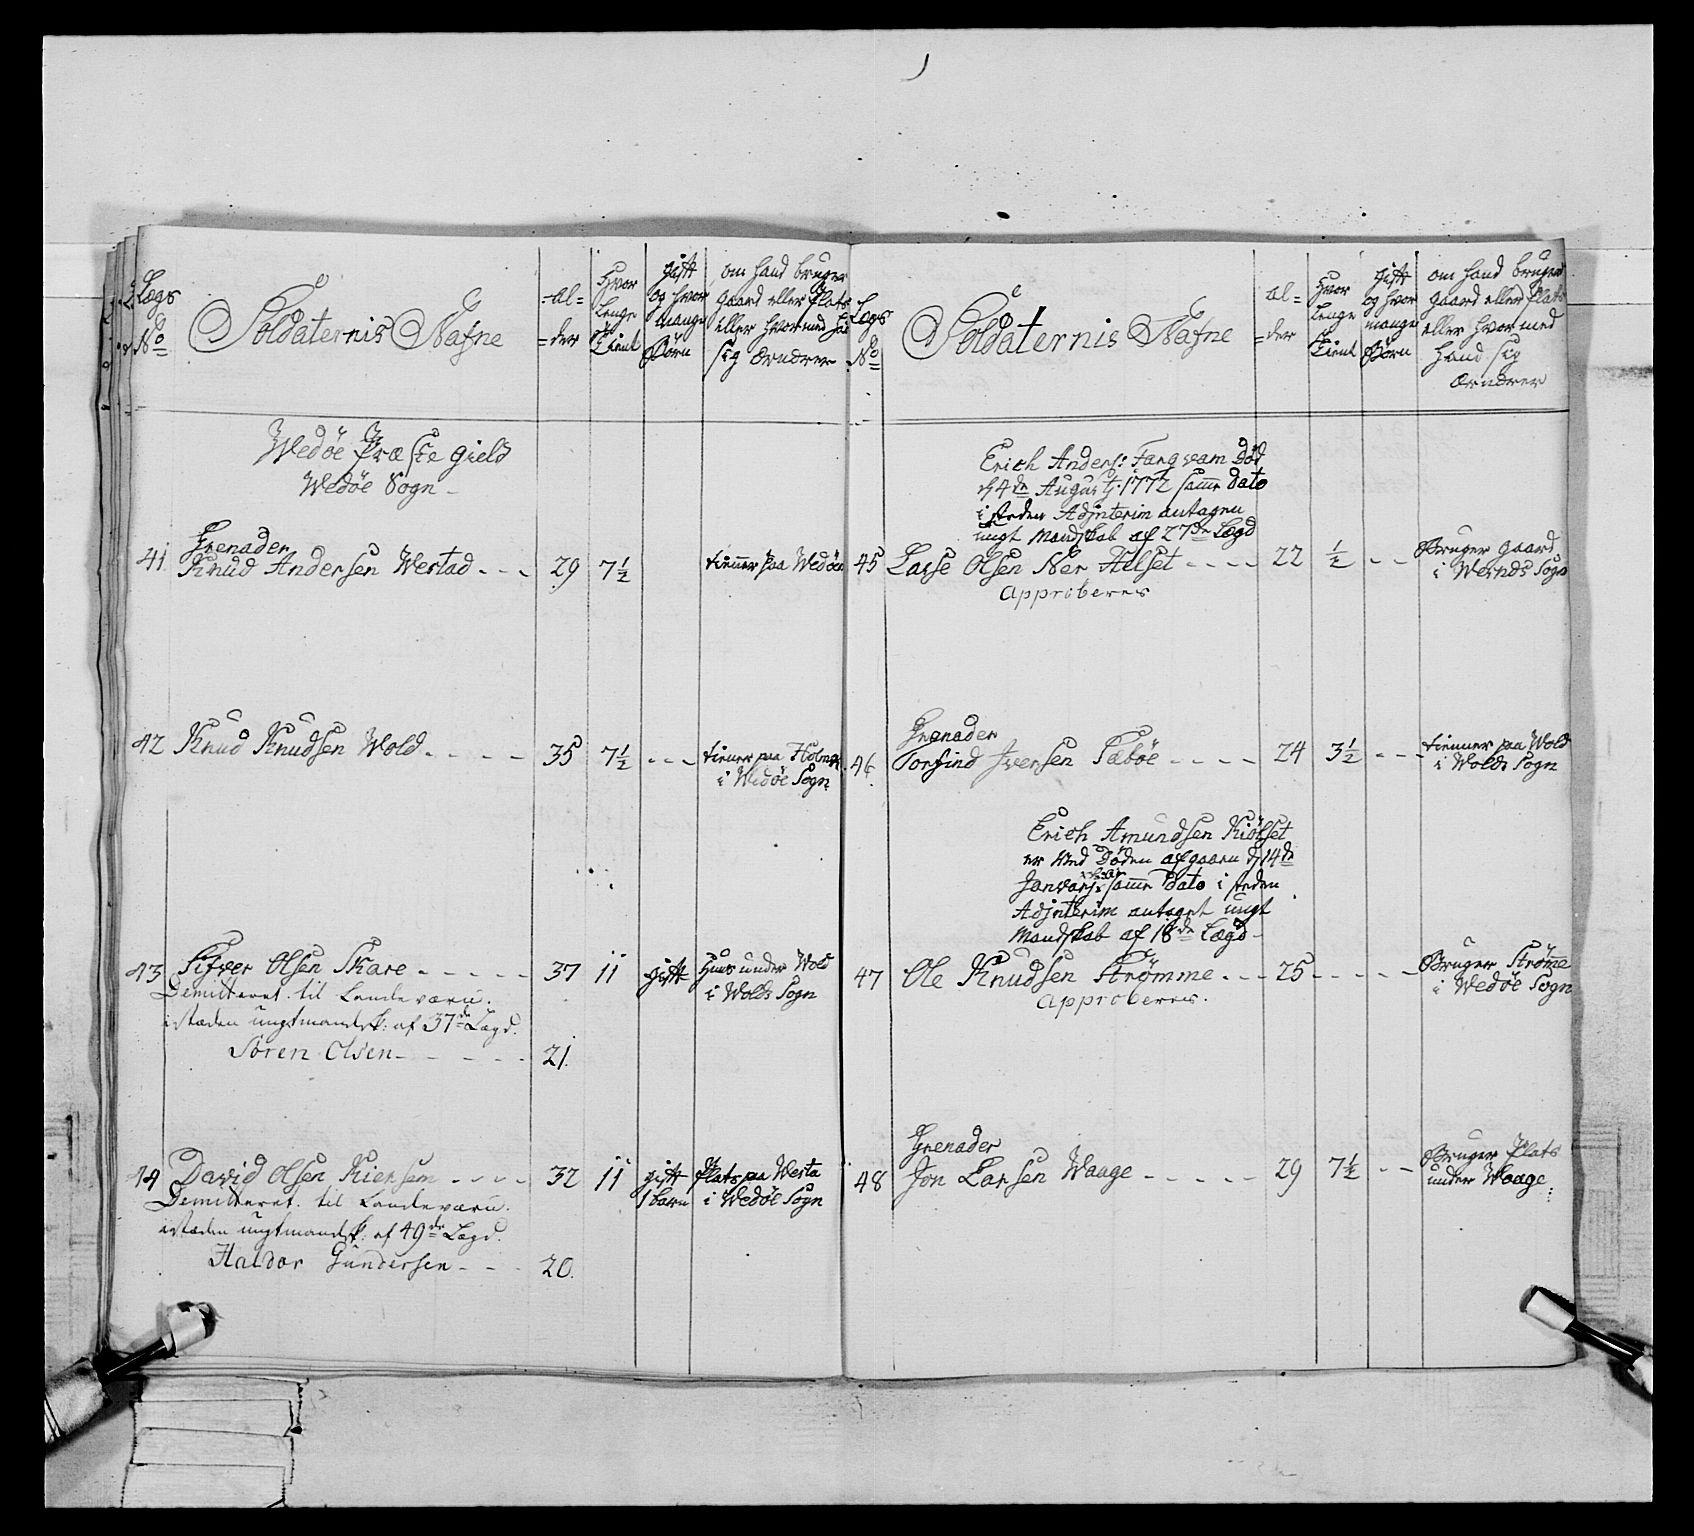 RA, Generalitets- og kommissariatskollegiet, Det kongelige norske kommissariatskollegium, E/Eh/L0076: 2. Trondheimske nasjonale infanteriregiment, 1766-1773, s. 516